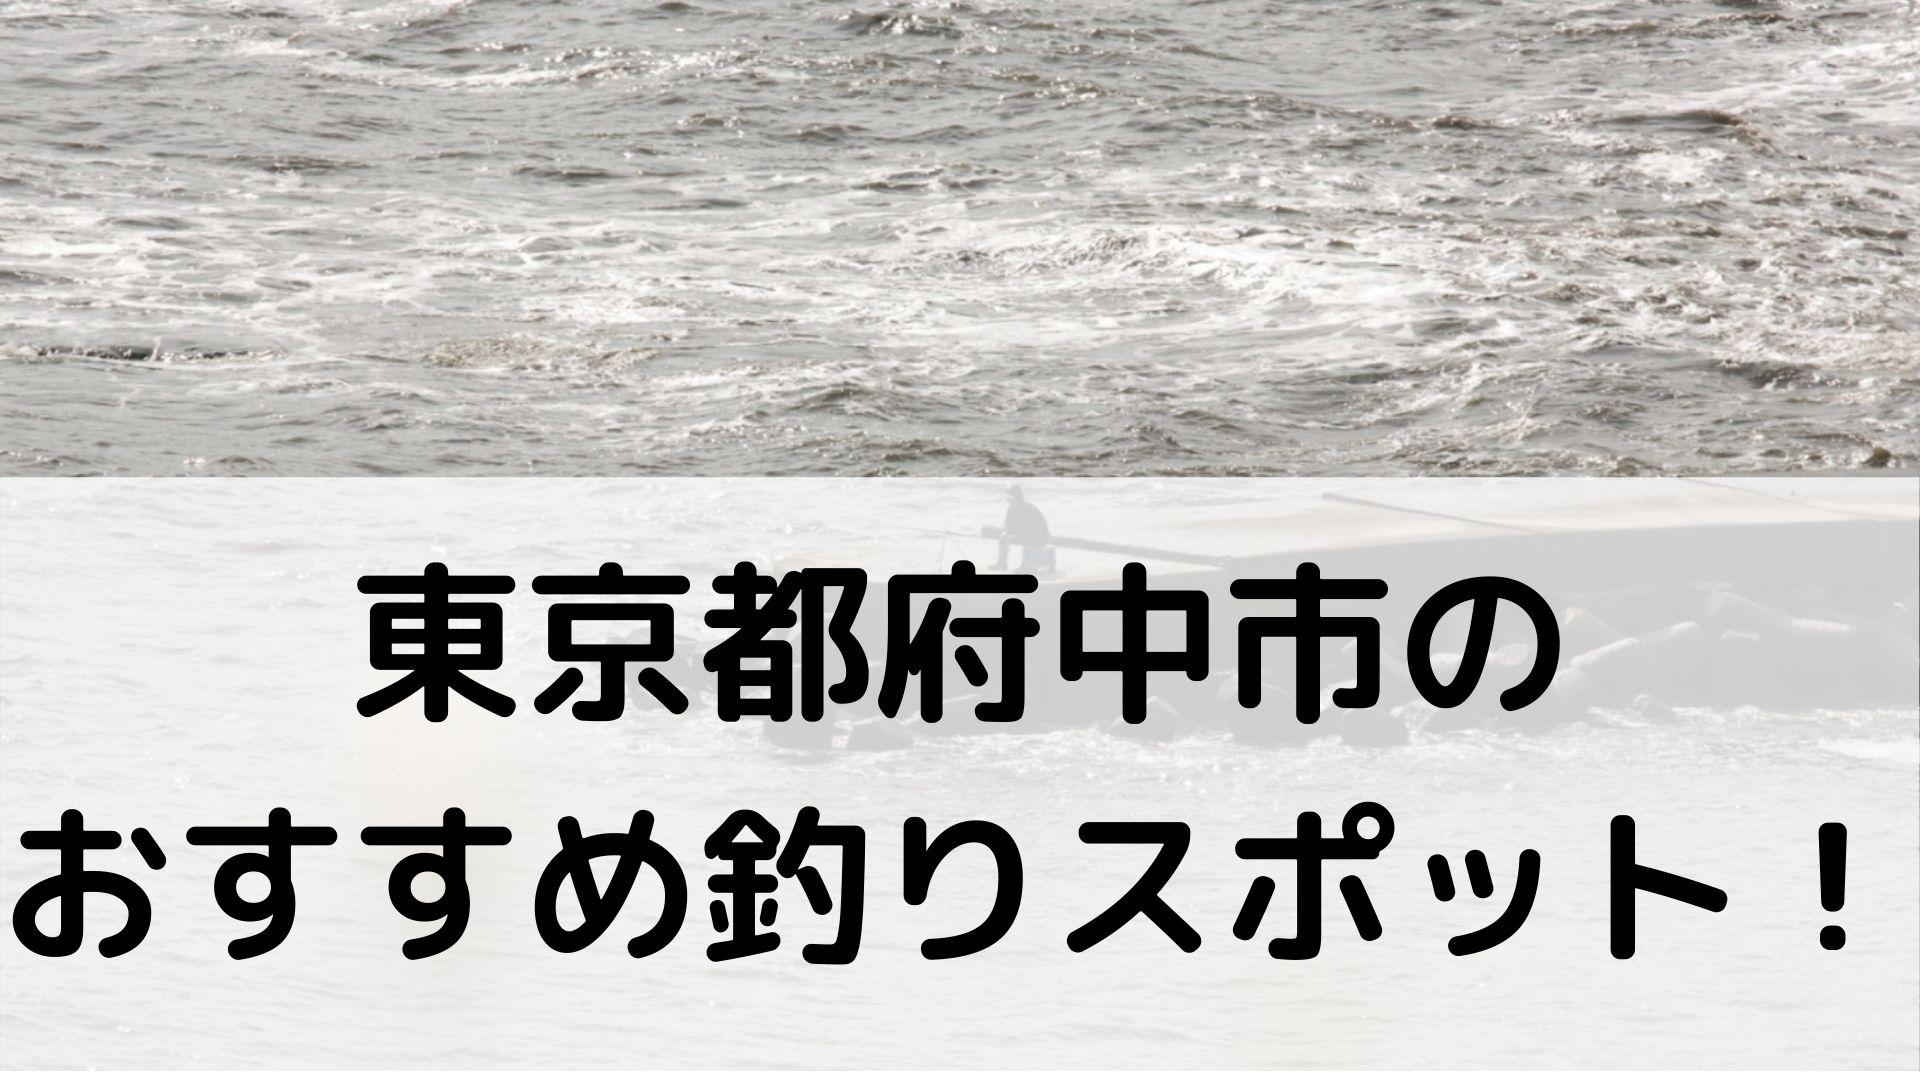 東京都府中市のおすすめ釣りスポットに関する参考画像